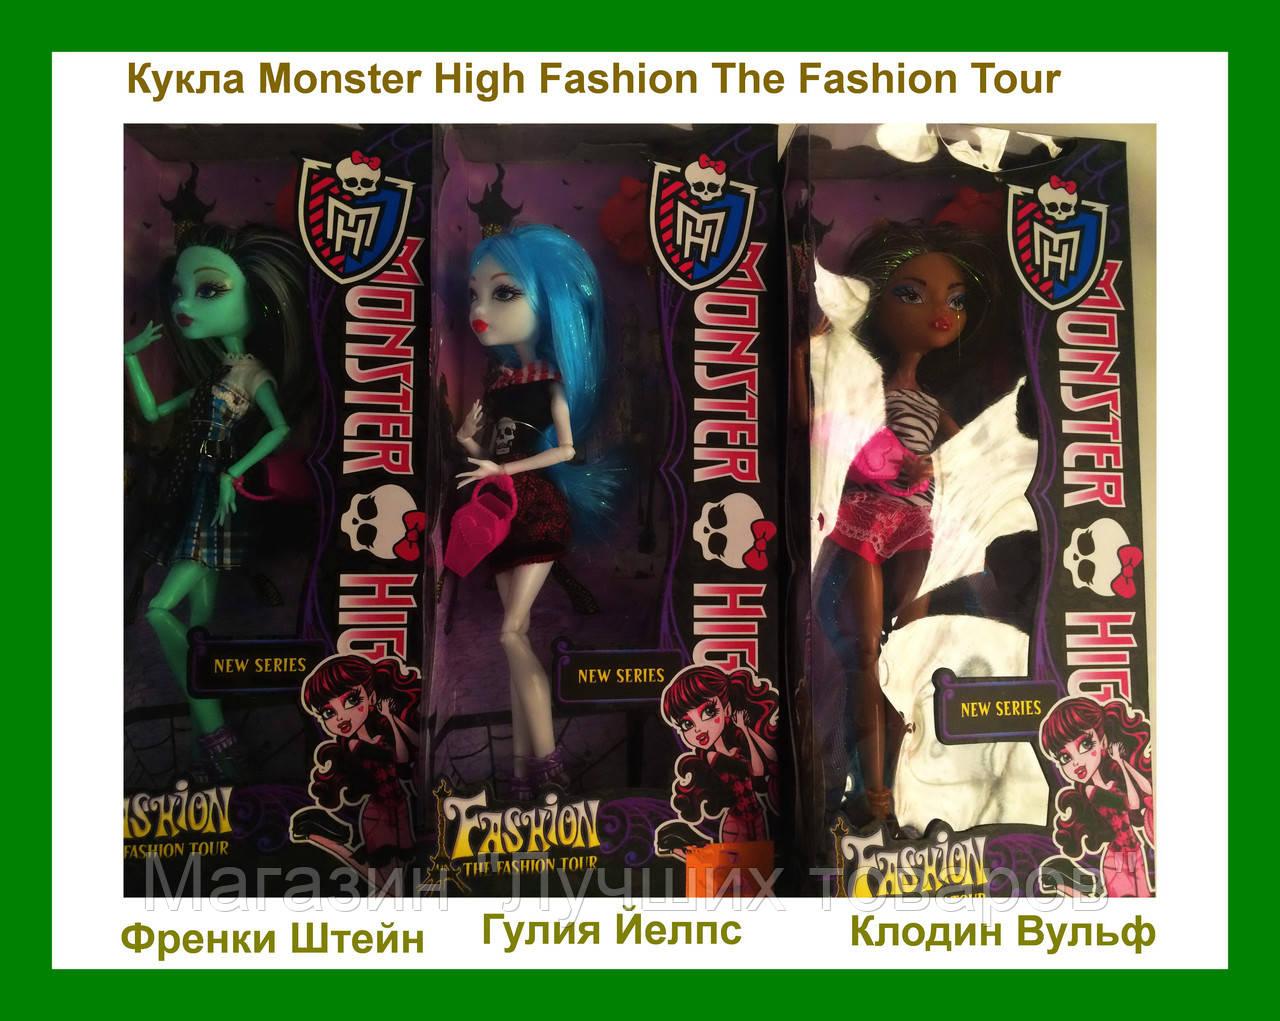 """Кукла Monster High из серии Fashion The Fashion Tour!Опт - Магазин """"Лучших товаров"""" в Одессе"""